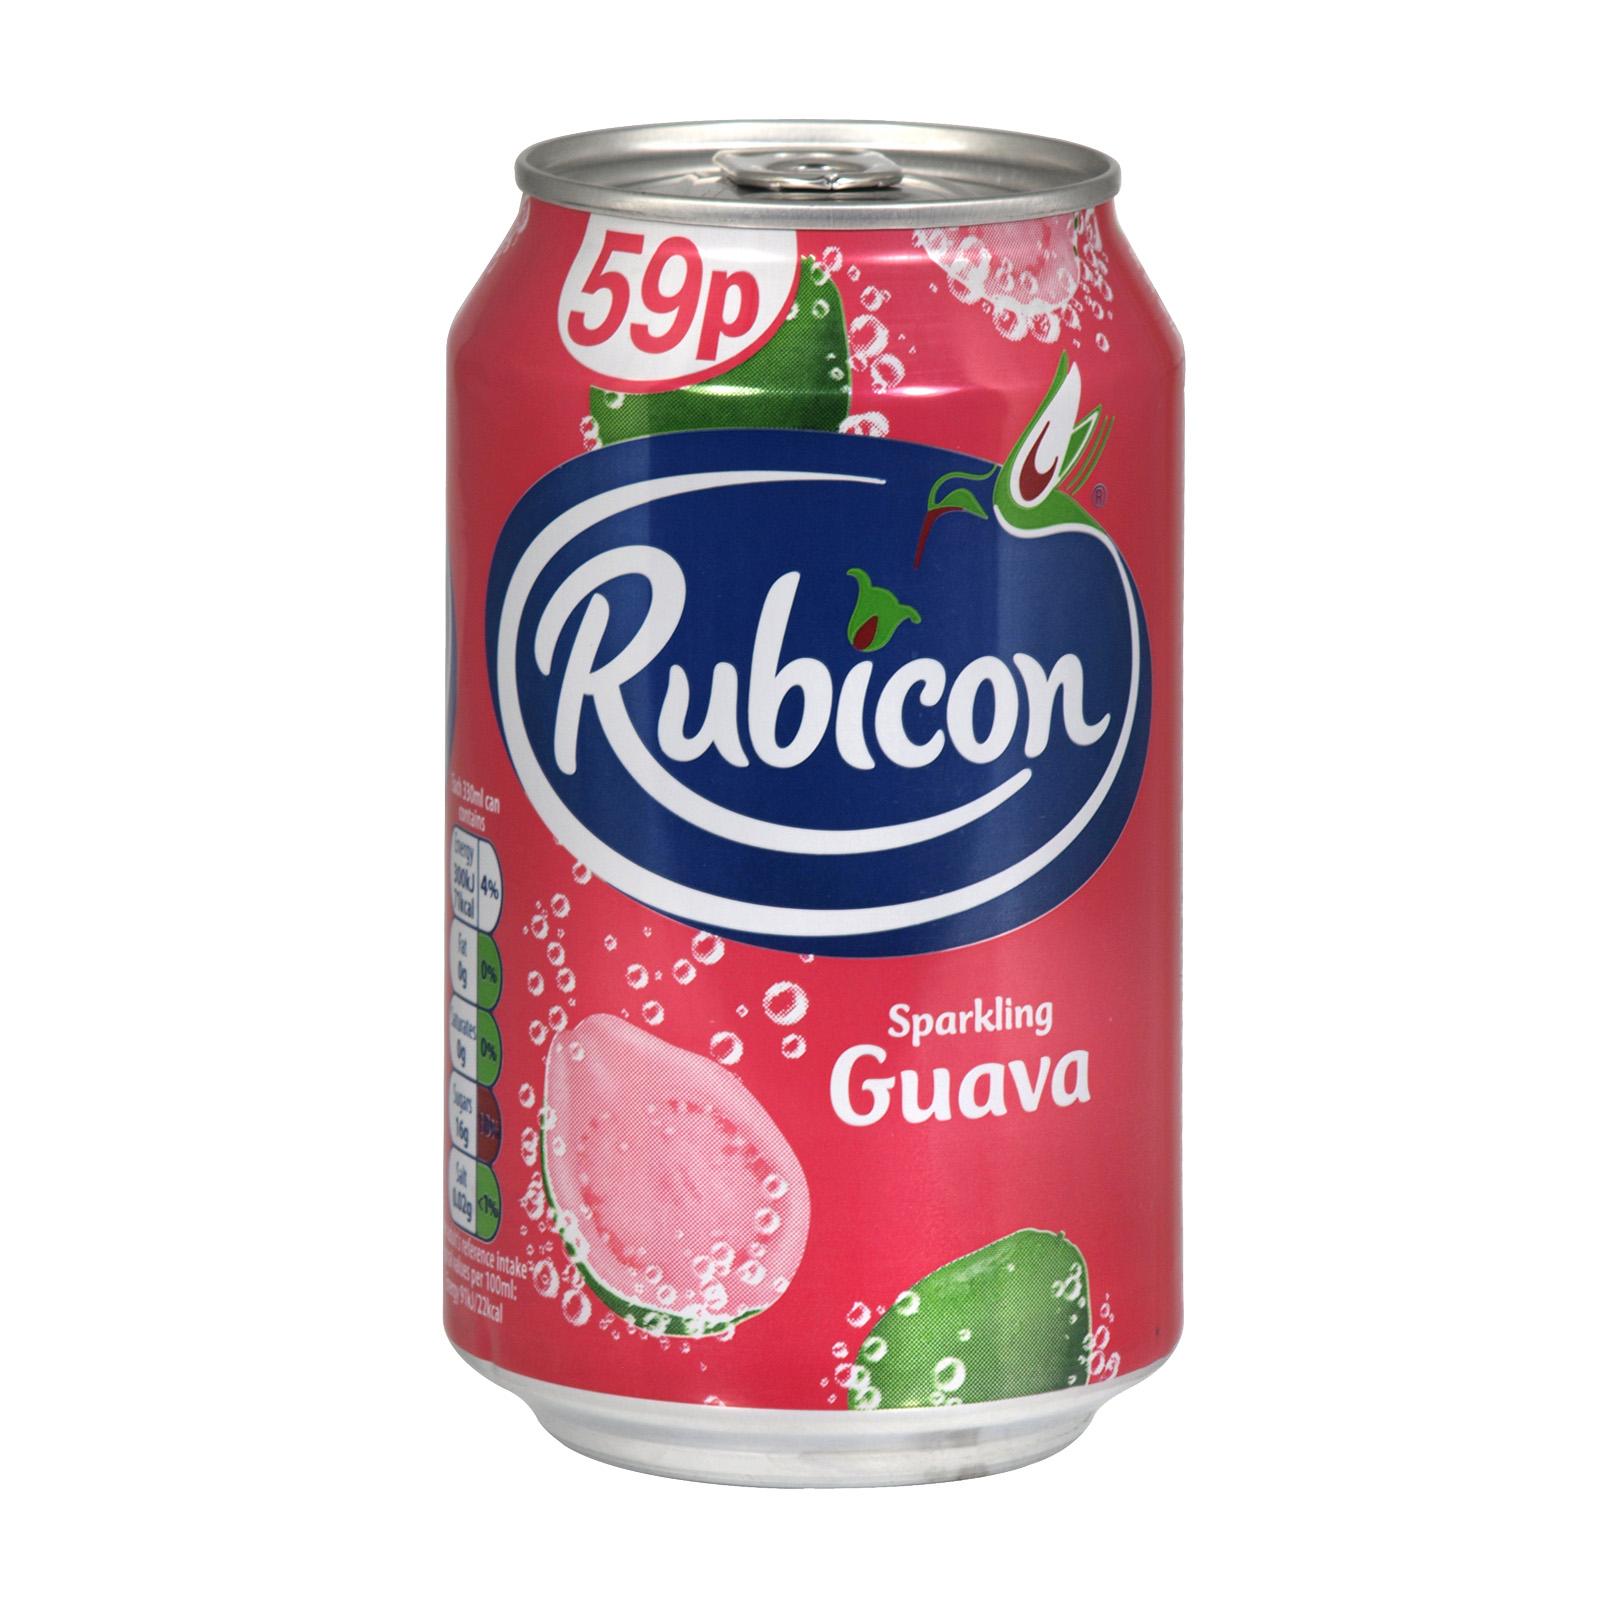 RUBICON CANS PM 59P GUAVA